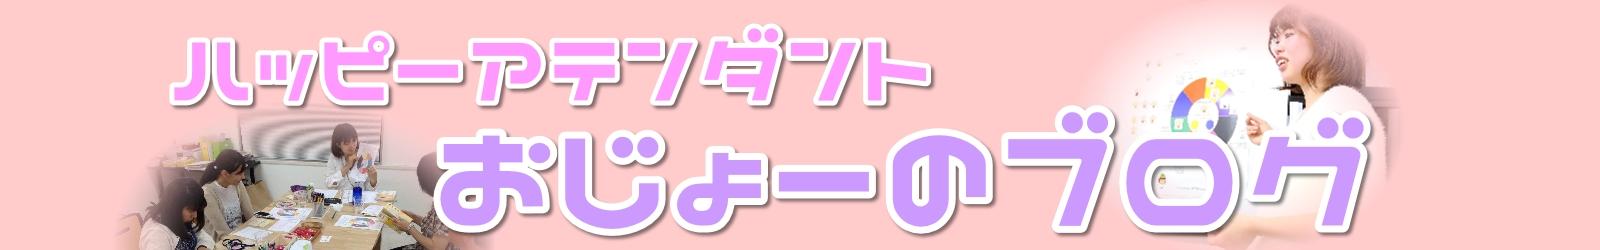 ハッピーアテンダント あゆみ(おじょー)